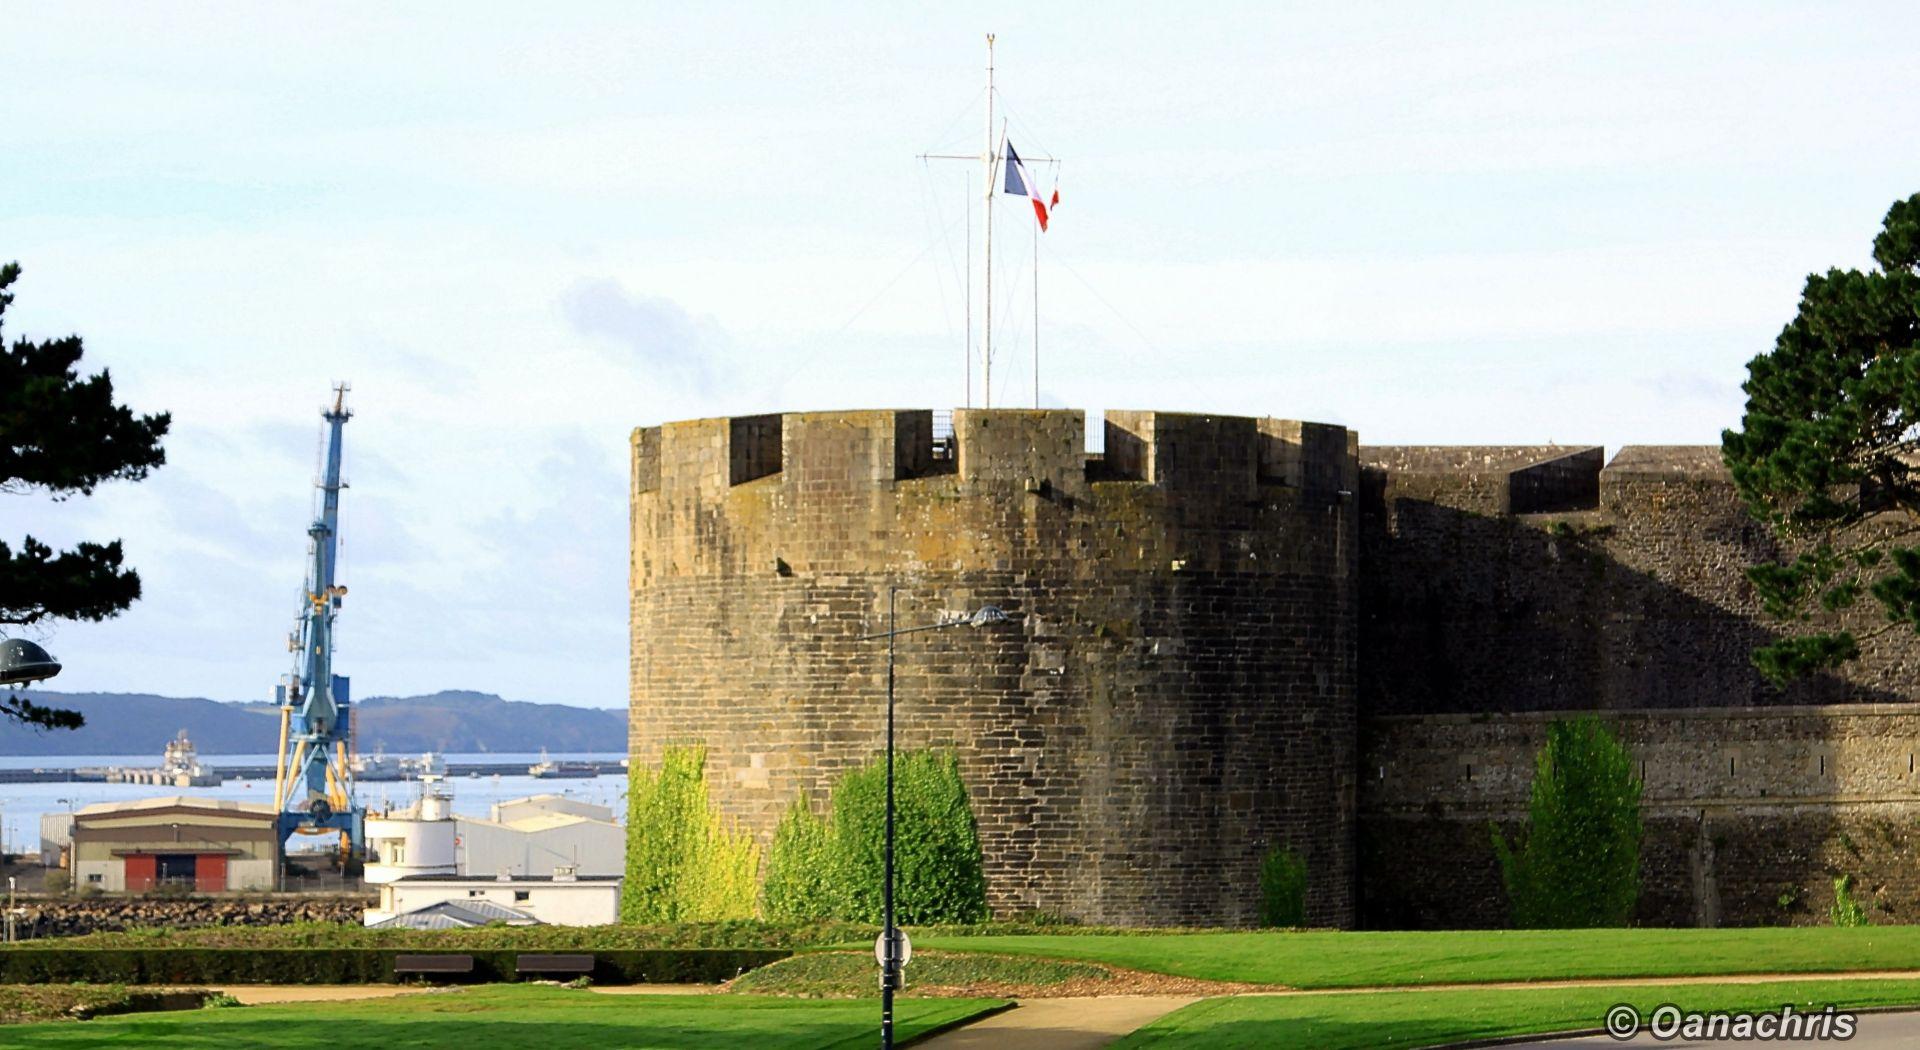 Going ashore in Brest